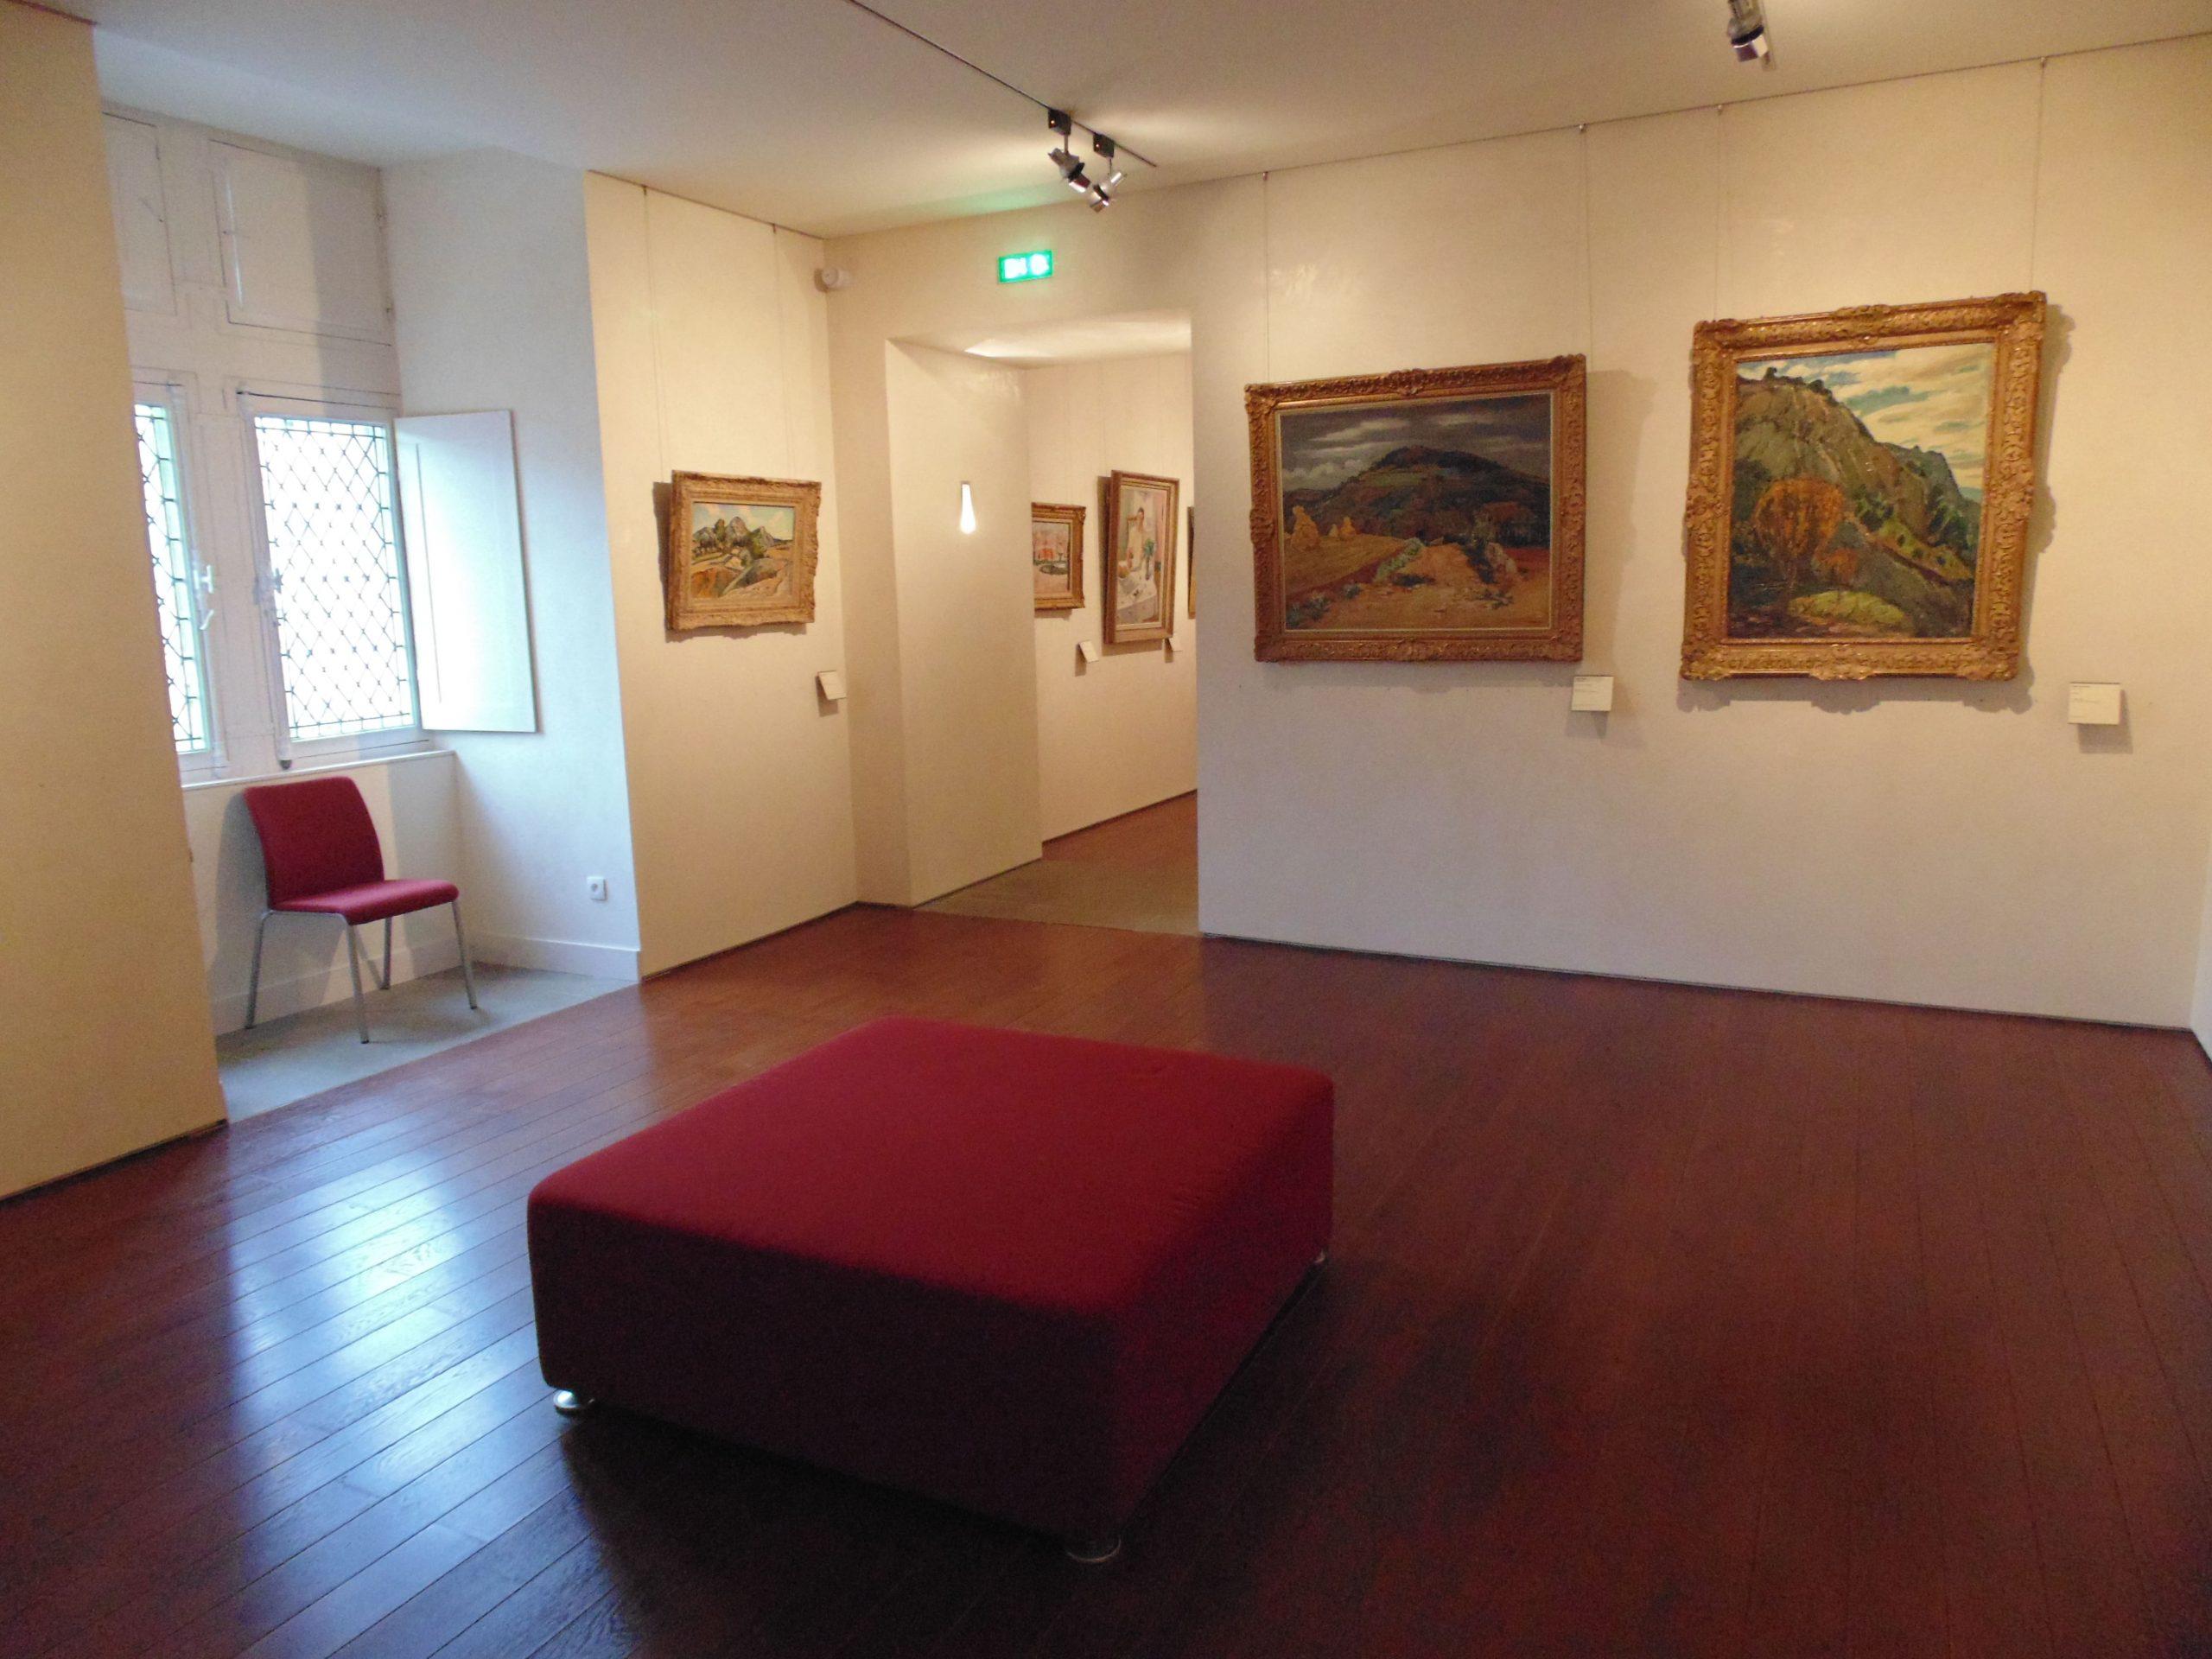 Exposition dans le Musée Toulouse Lautrec à Albi agencé par SAFRA Agencement